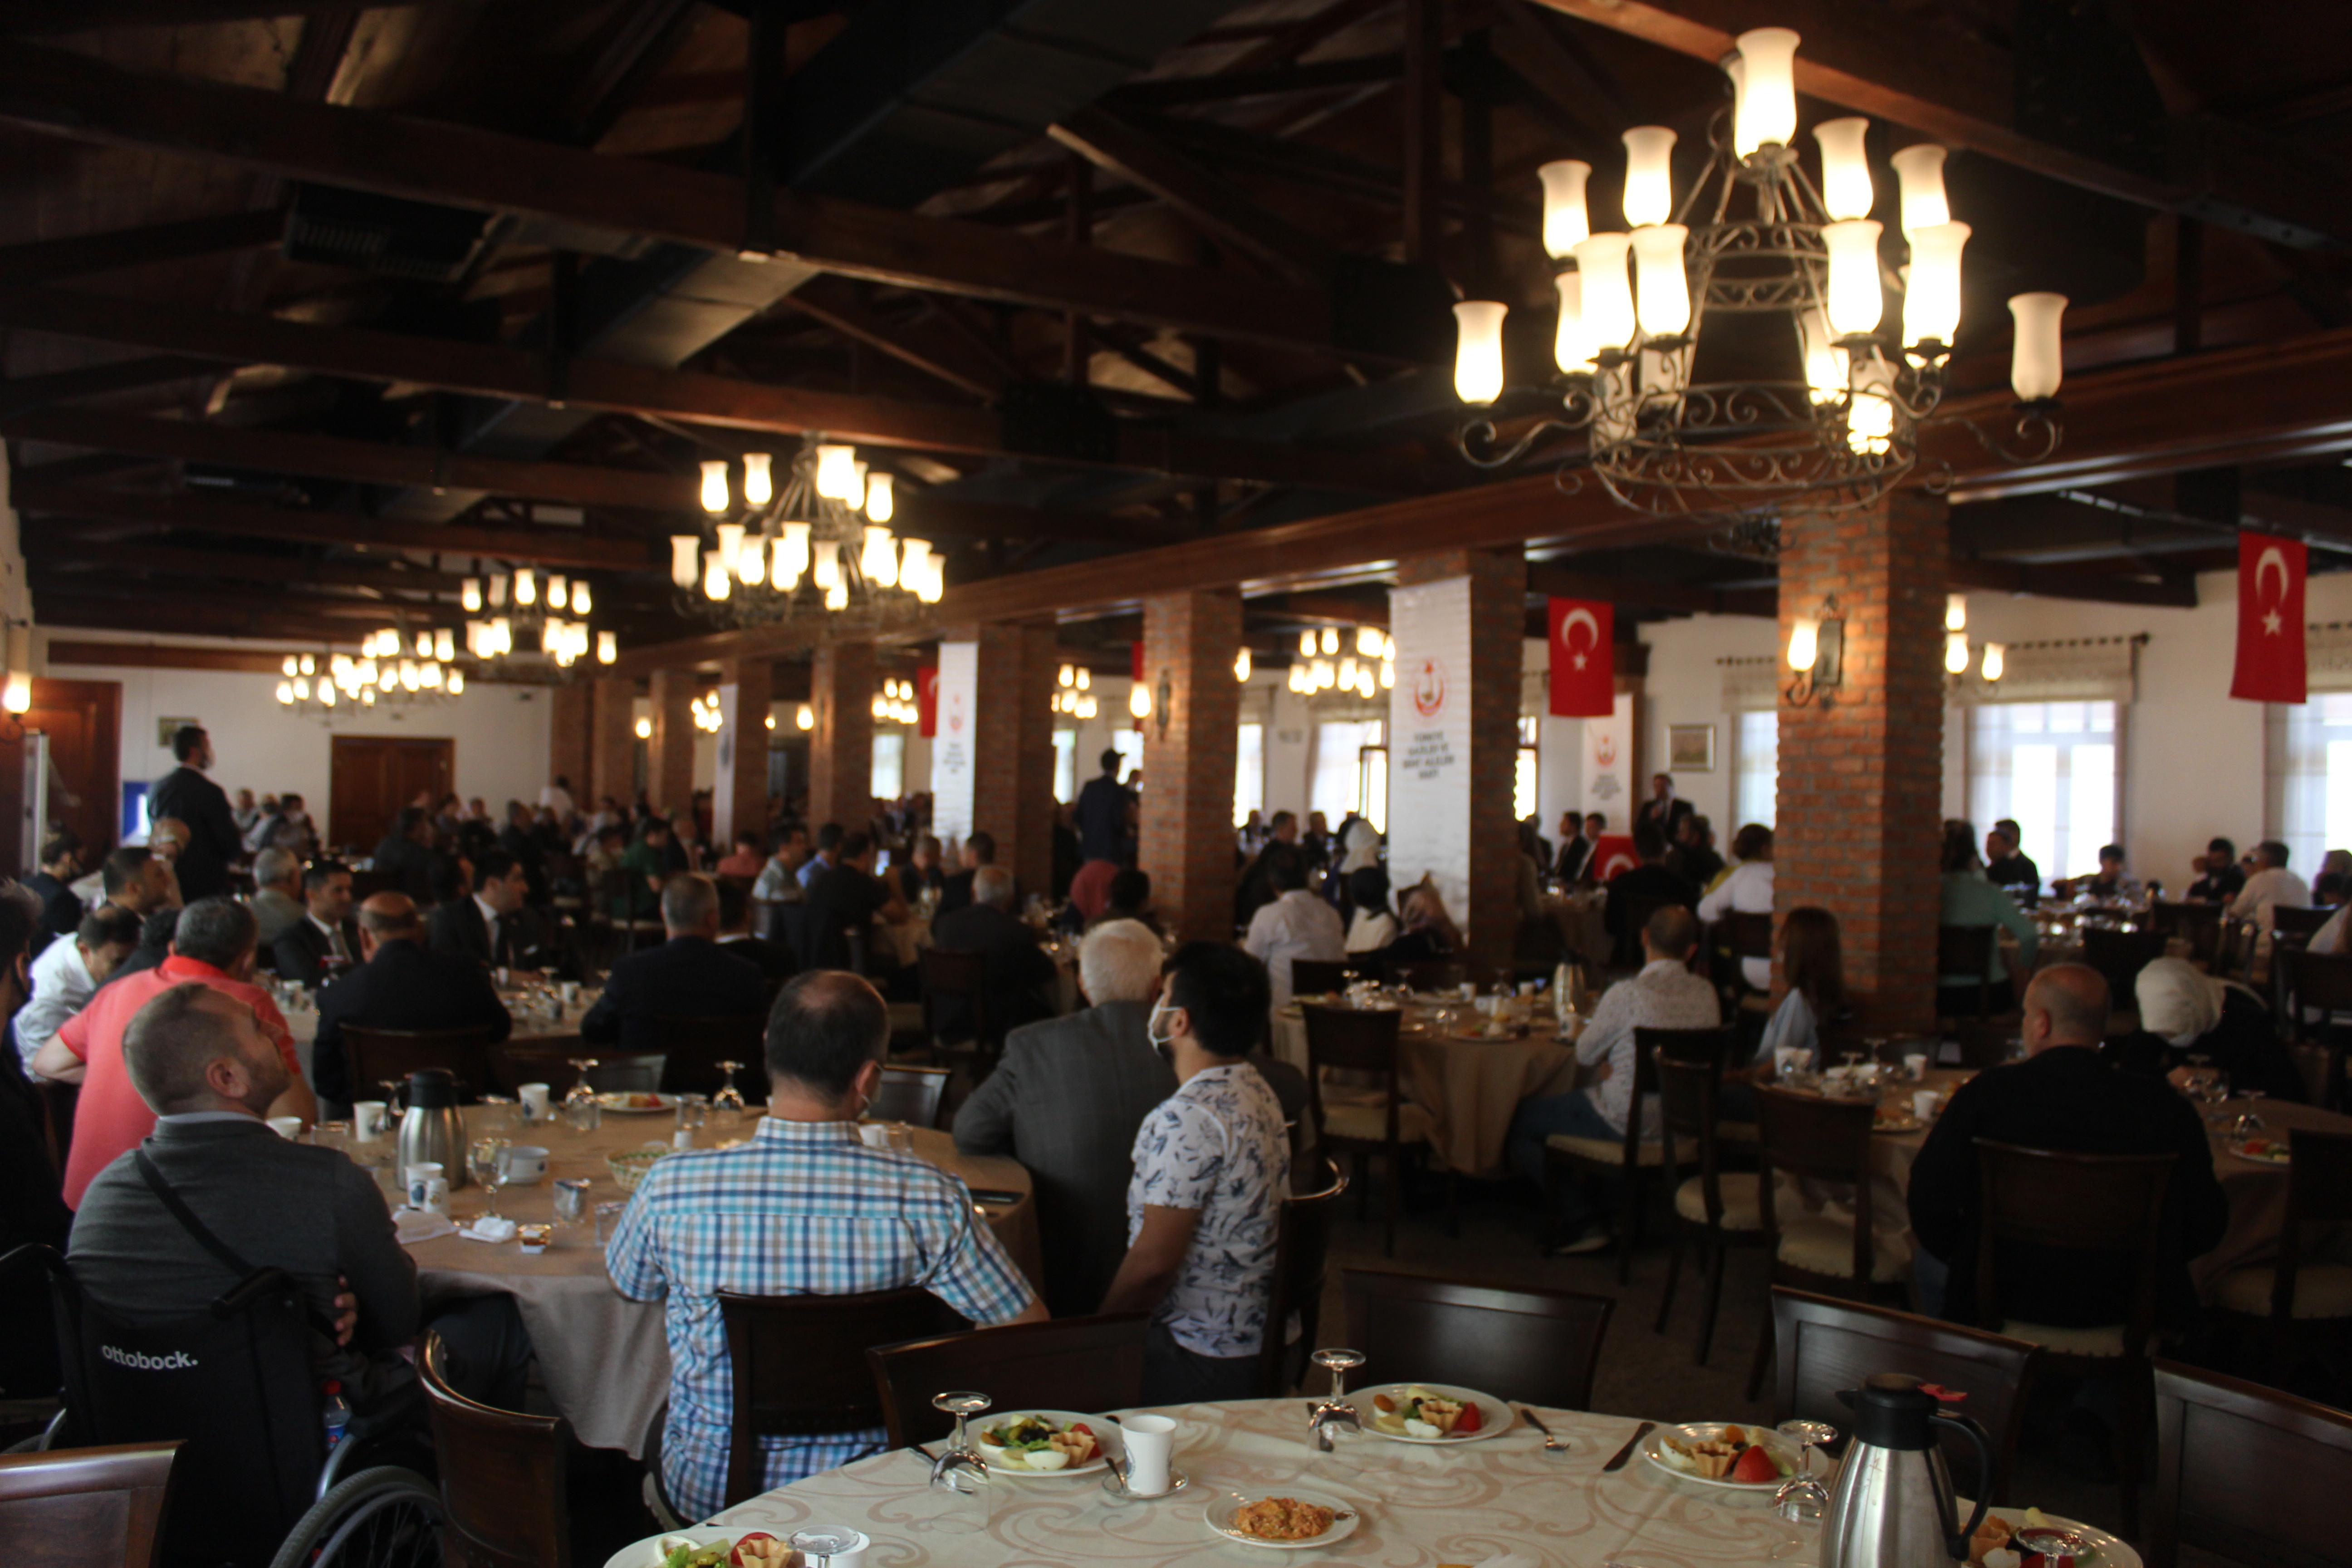 Türkiye Gaziler ve Şehit Aileleri Vakfınca, 19 Eylül Gaziler Günü nedeniyle düzenlenen etkinlikte, gaziler ve şehit yakınları kahvaltıda bir araya geldi.